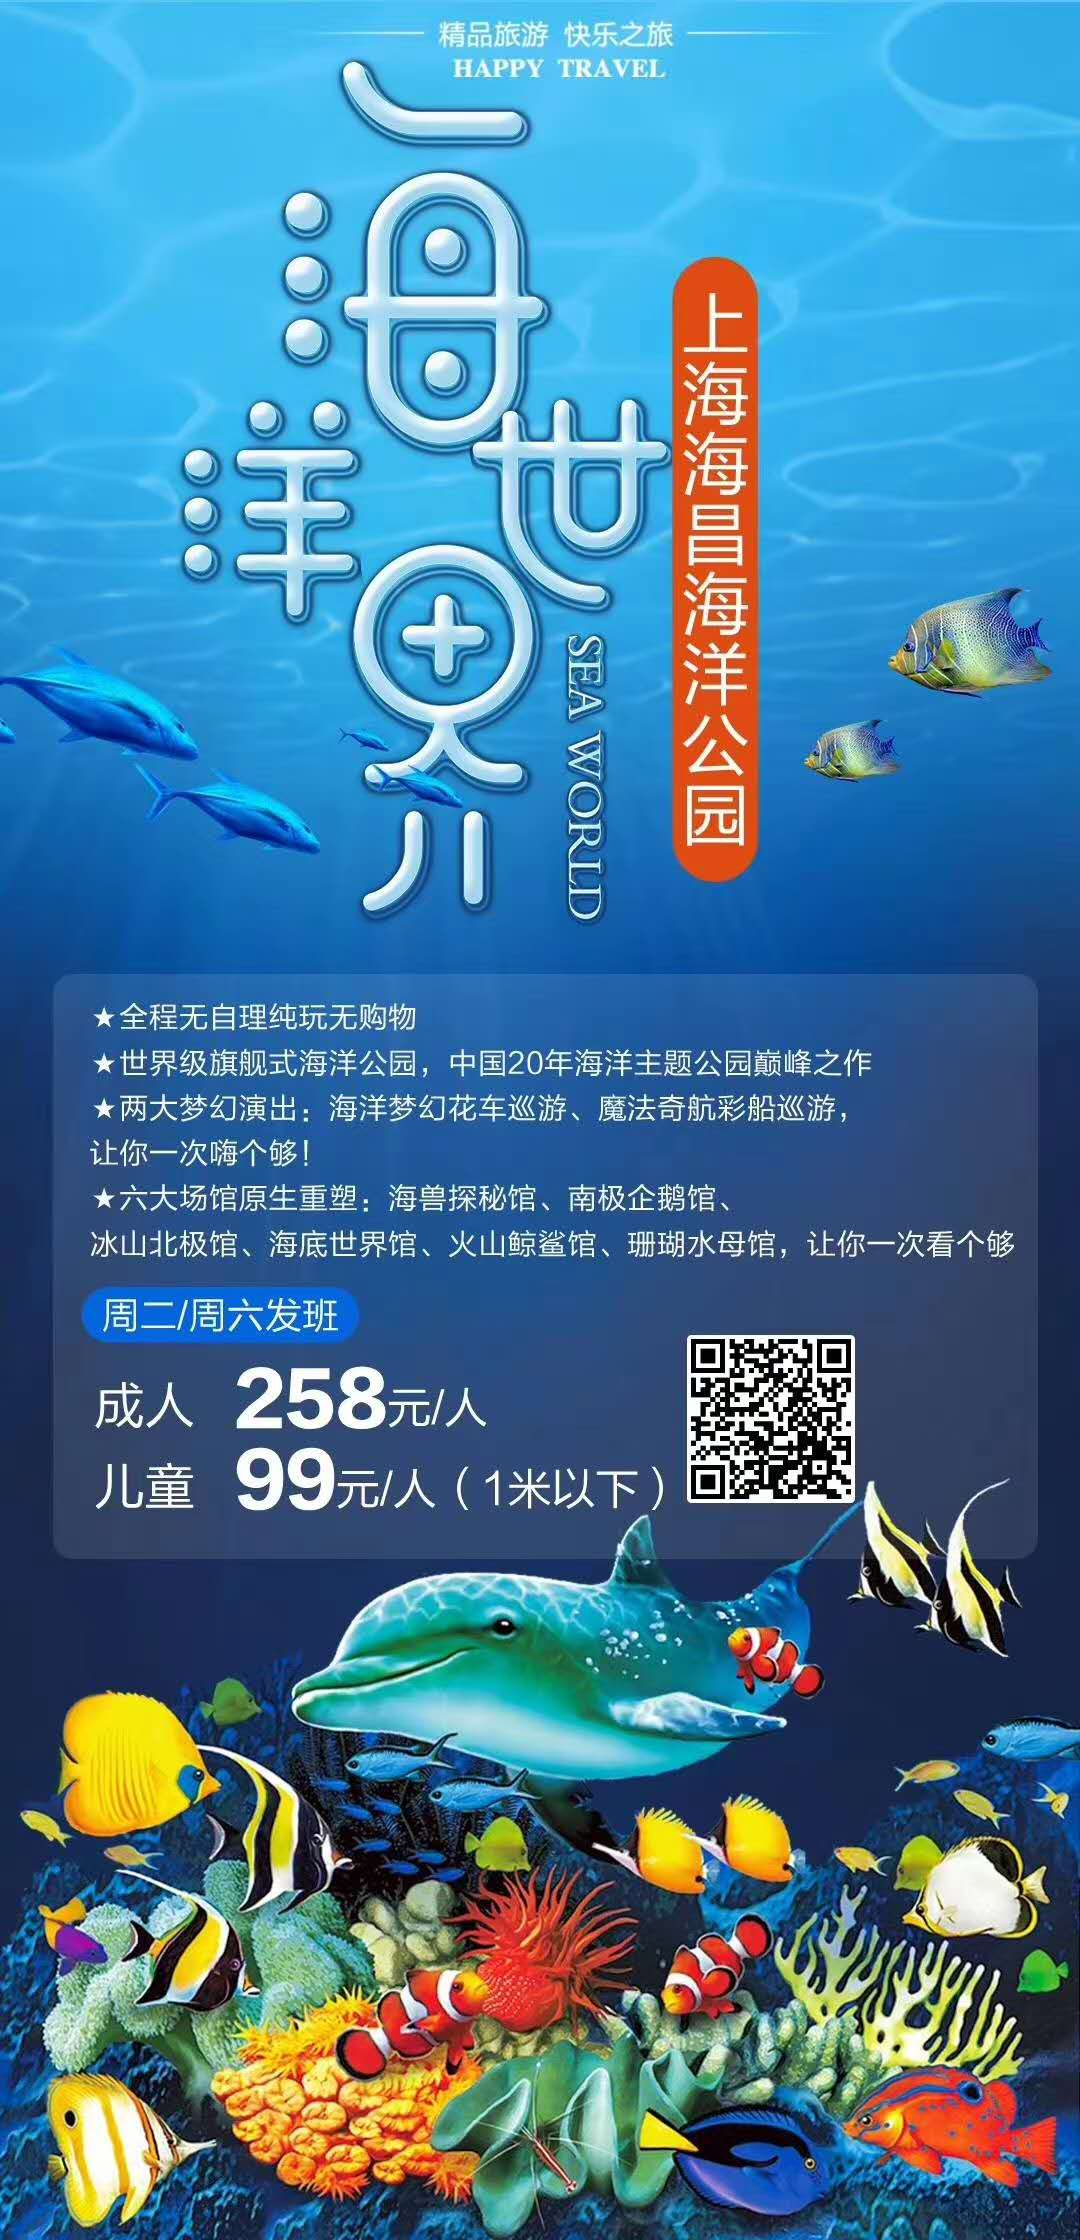 上海海昌海洋世界一日游